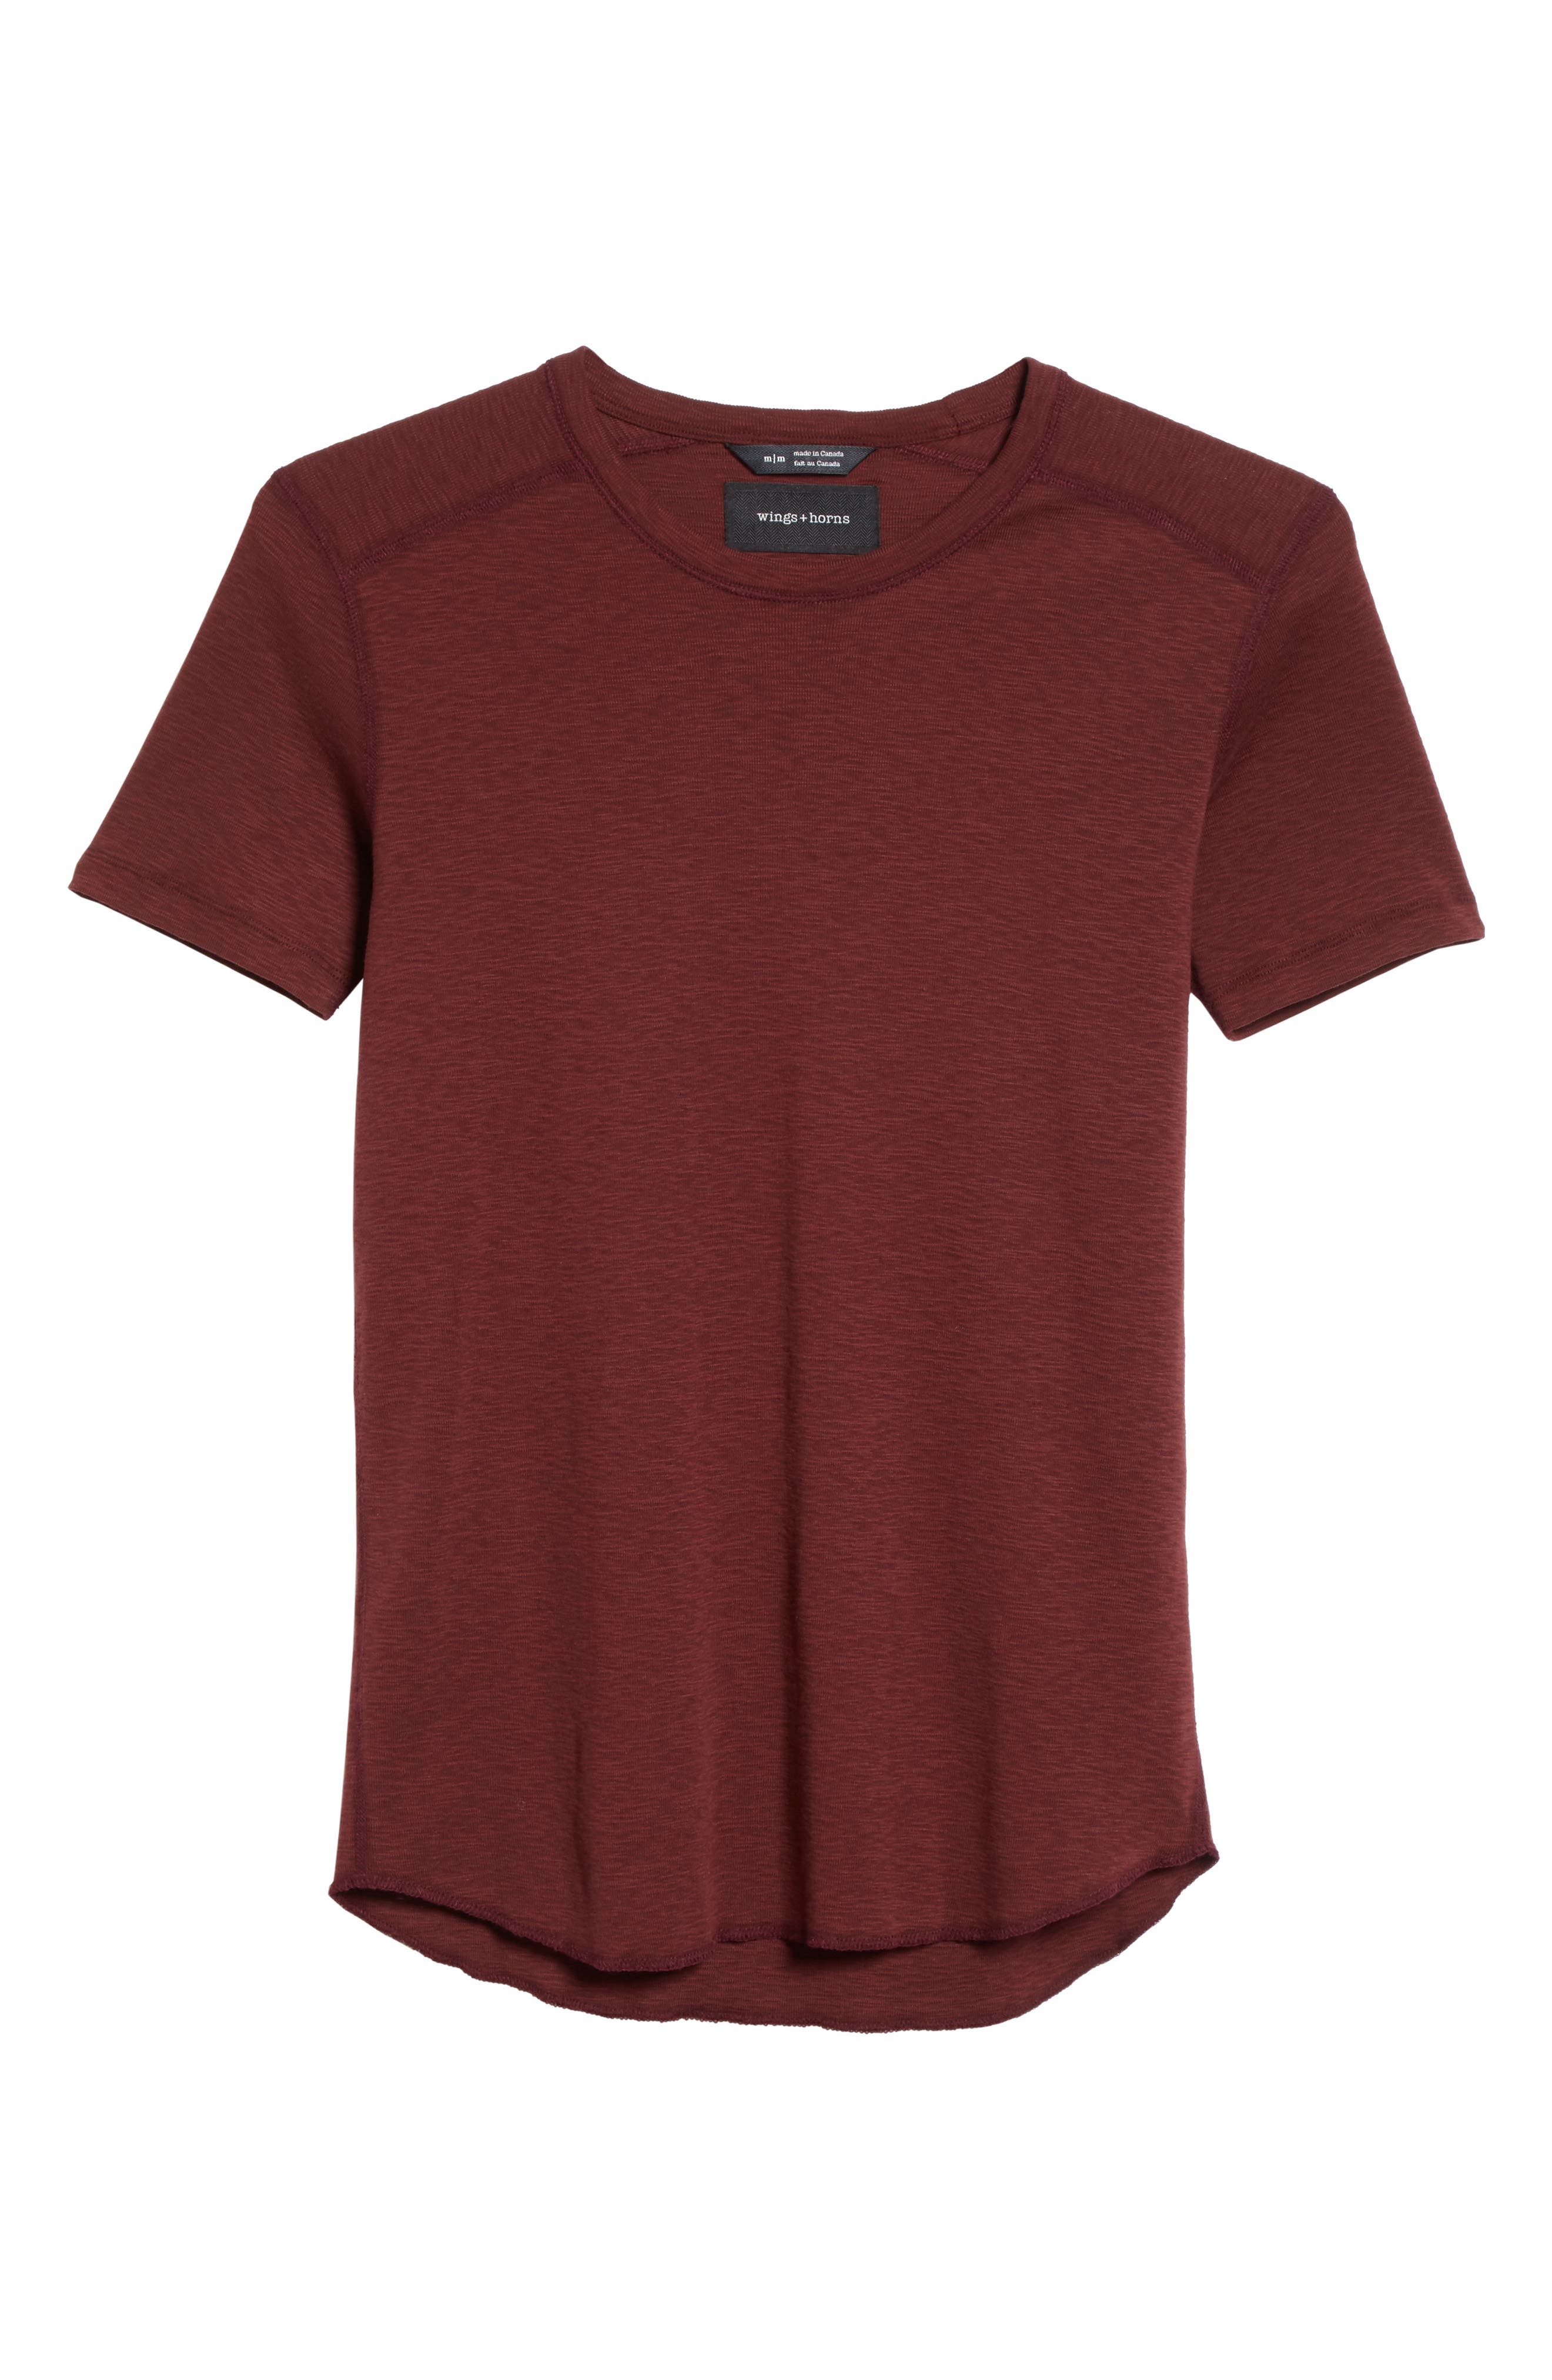 Ribbed Slub Cotton T-Shirt,                             Alternate thumbnail 6, color,                             Oxblood